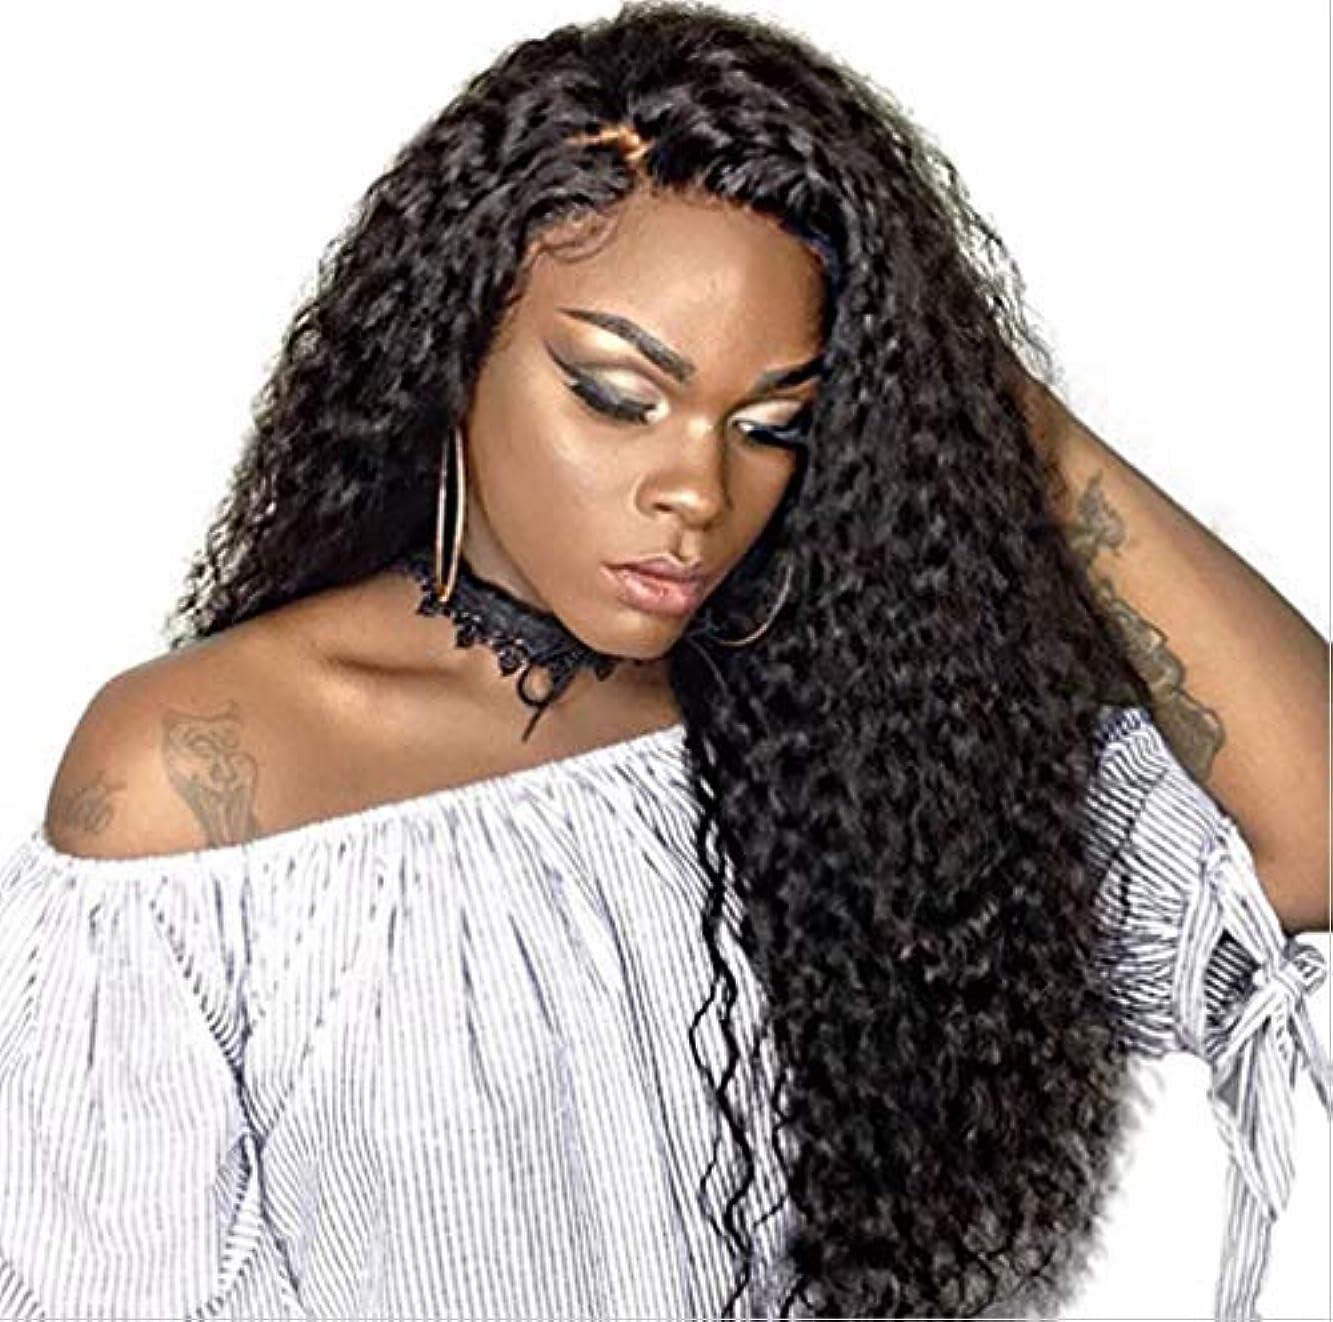 リズミカルな有料慣らす女性ウィッグボディウェーブ耐熱合成繊維ベビーヘア未処理人毛150%密度ブラック65cm